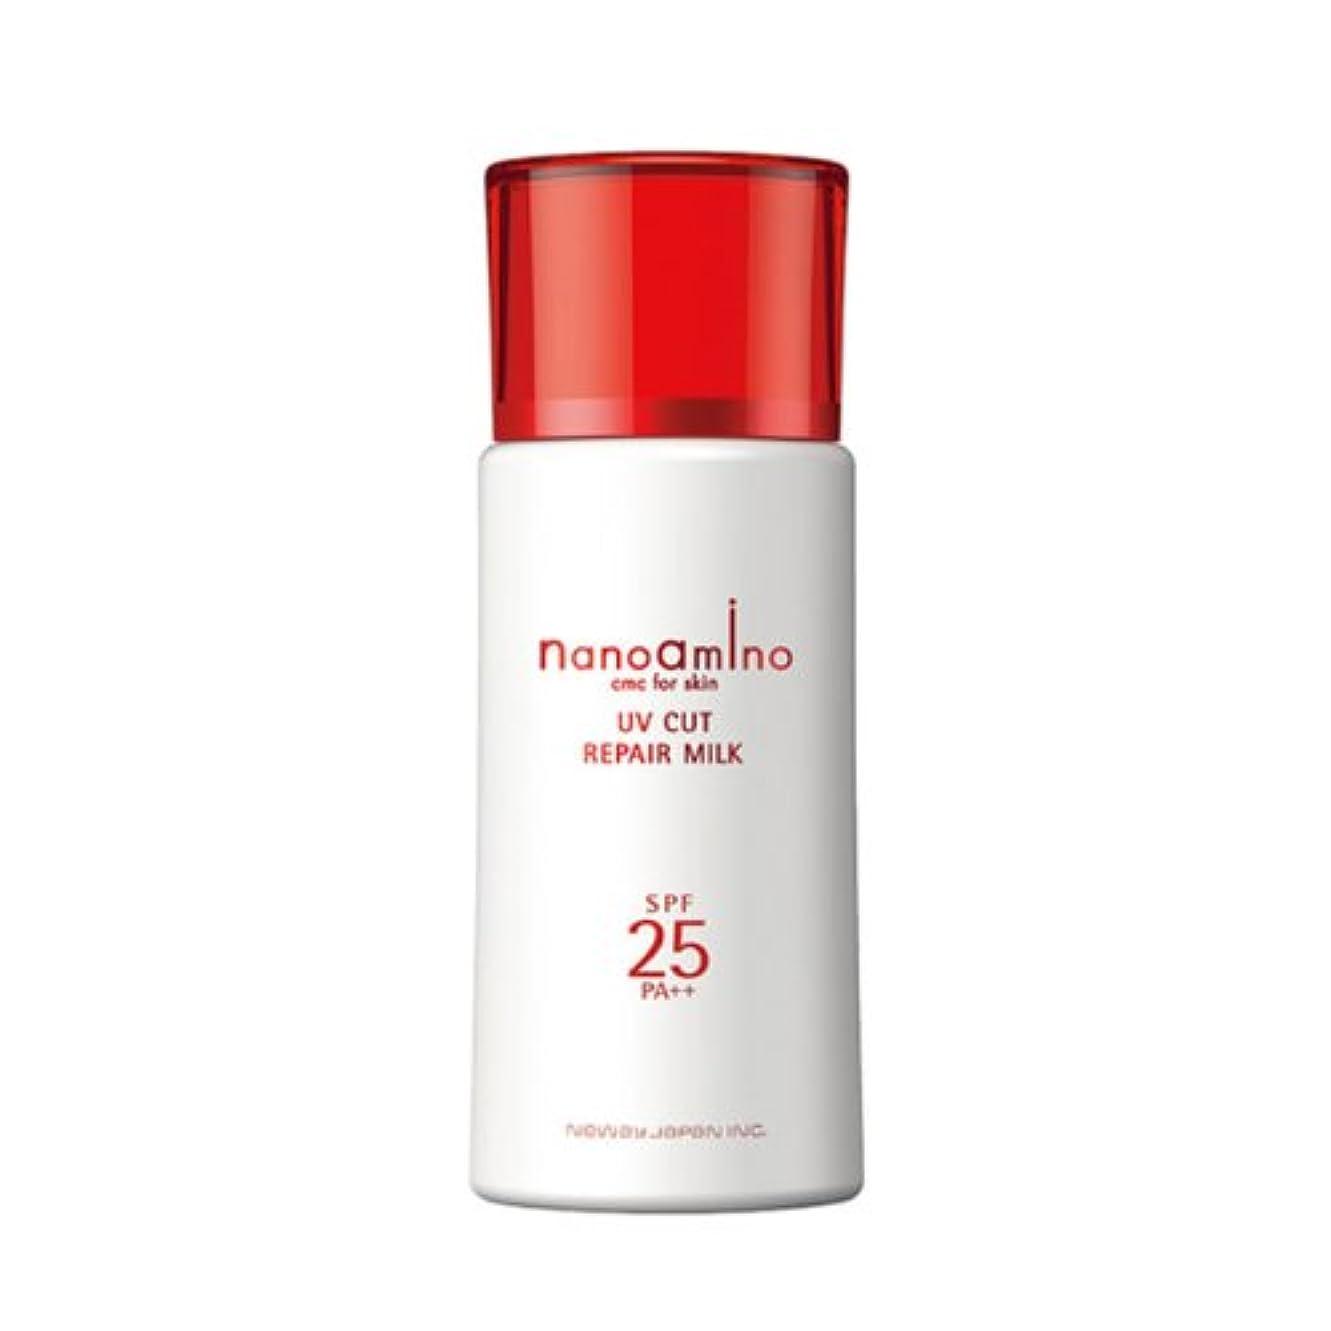 ゲートウェイ真っ逆さま商標ニューウェイジャパン ナノアミノ UVカットリペアミルク 25 50ml(日焼け止め乳液)